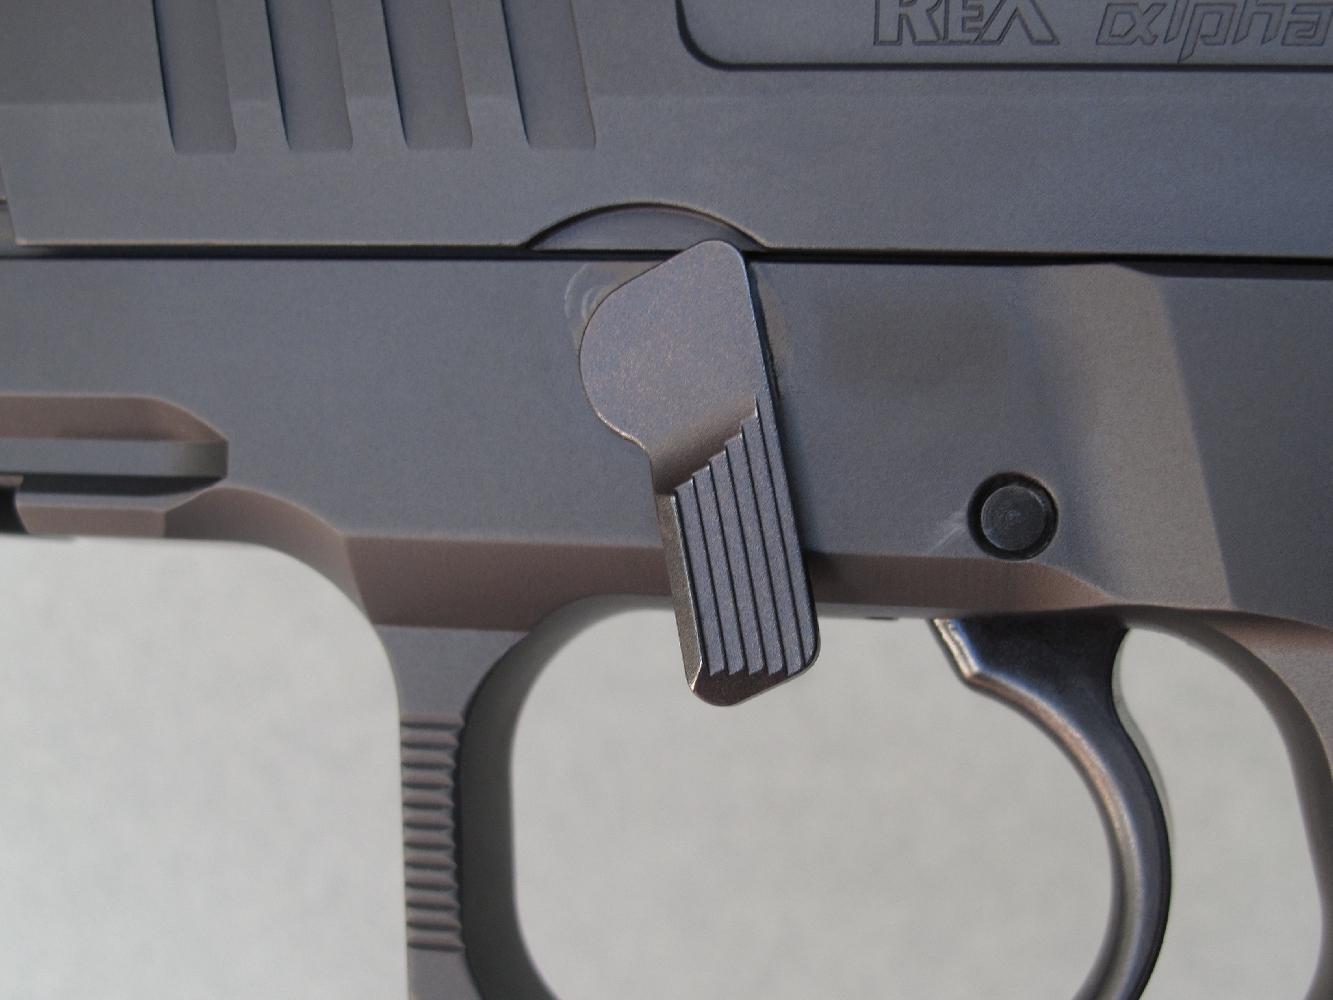 Le démontage de ce pistolet s'effectue instantanément grâce à une clé imperdable qu'il suffit d'abaisser.